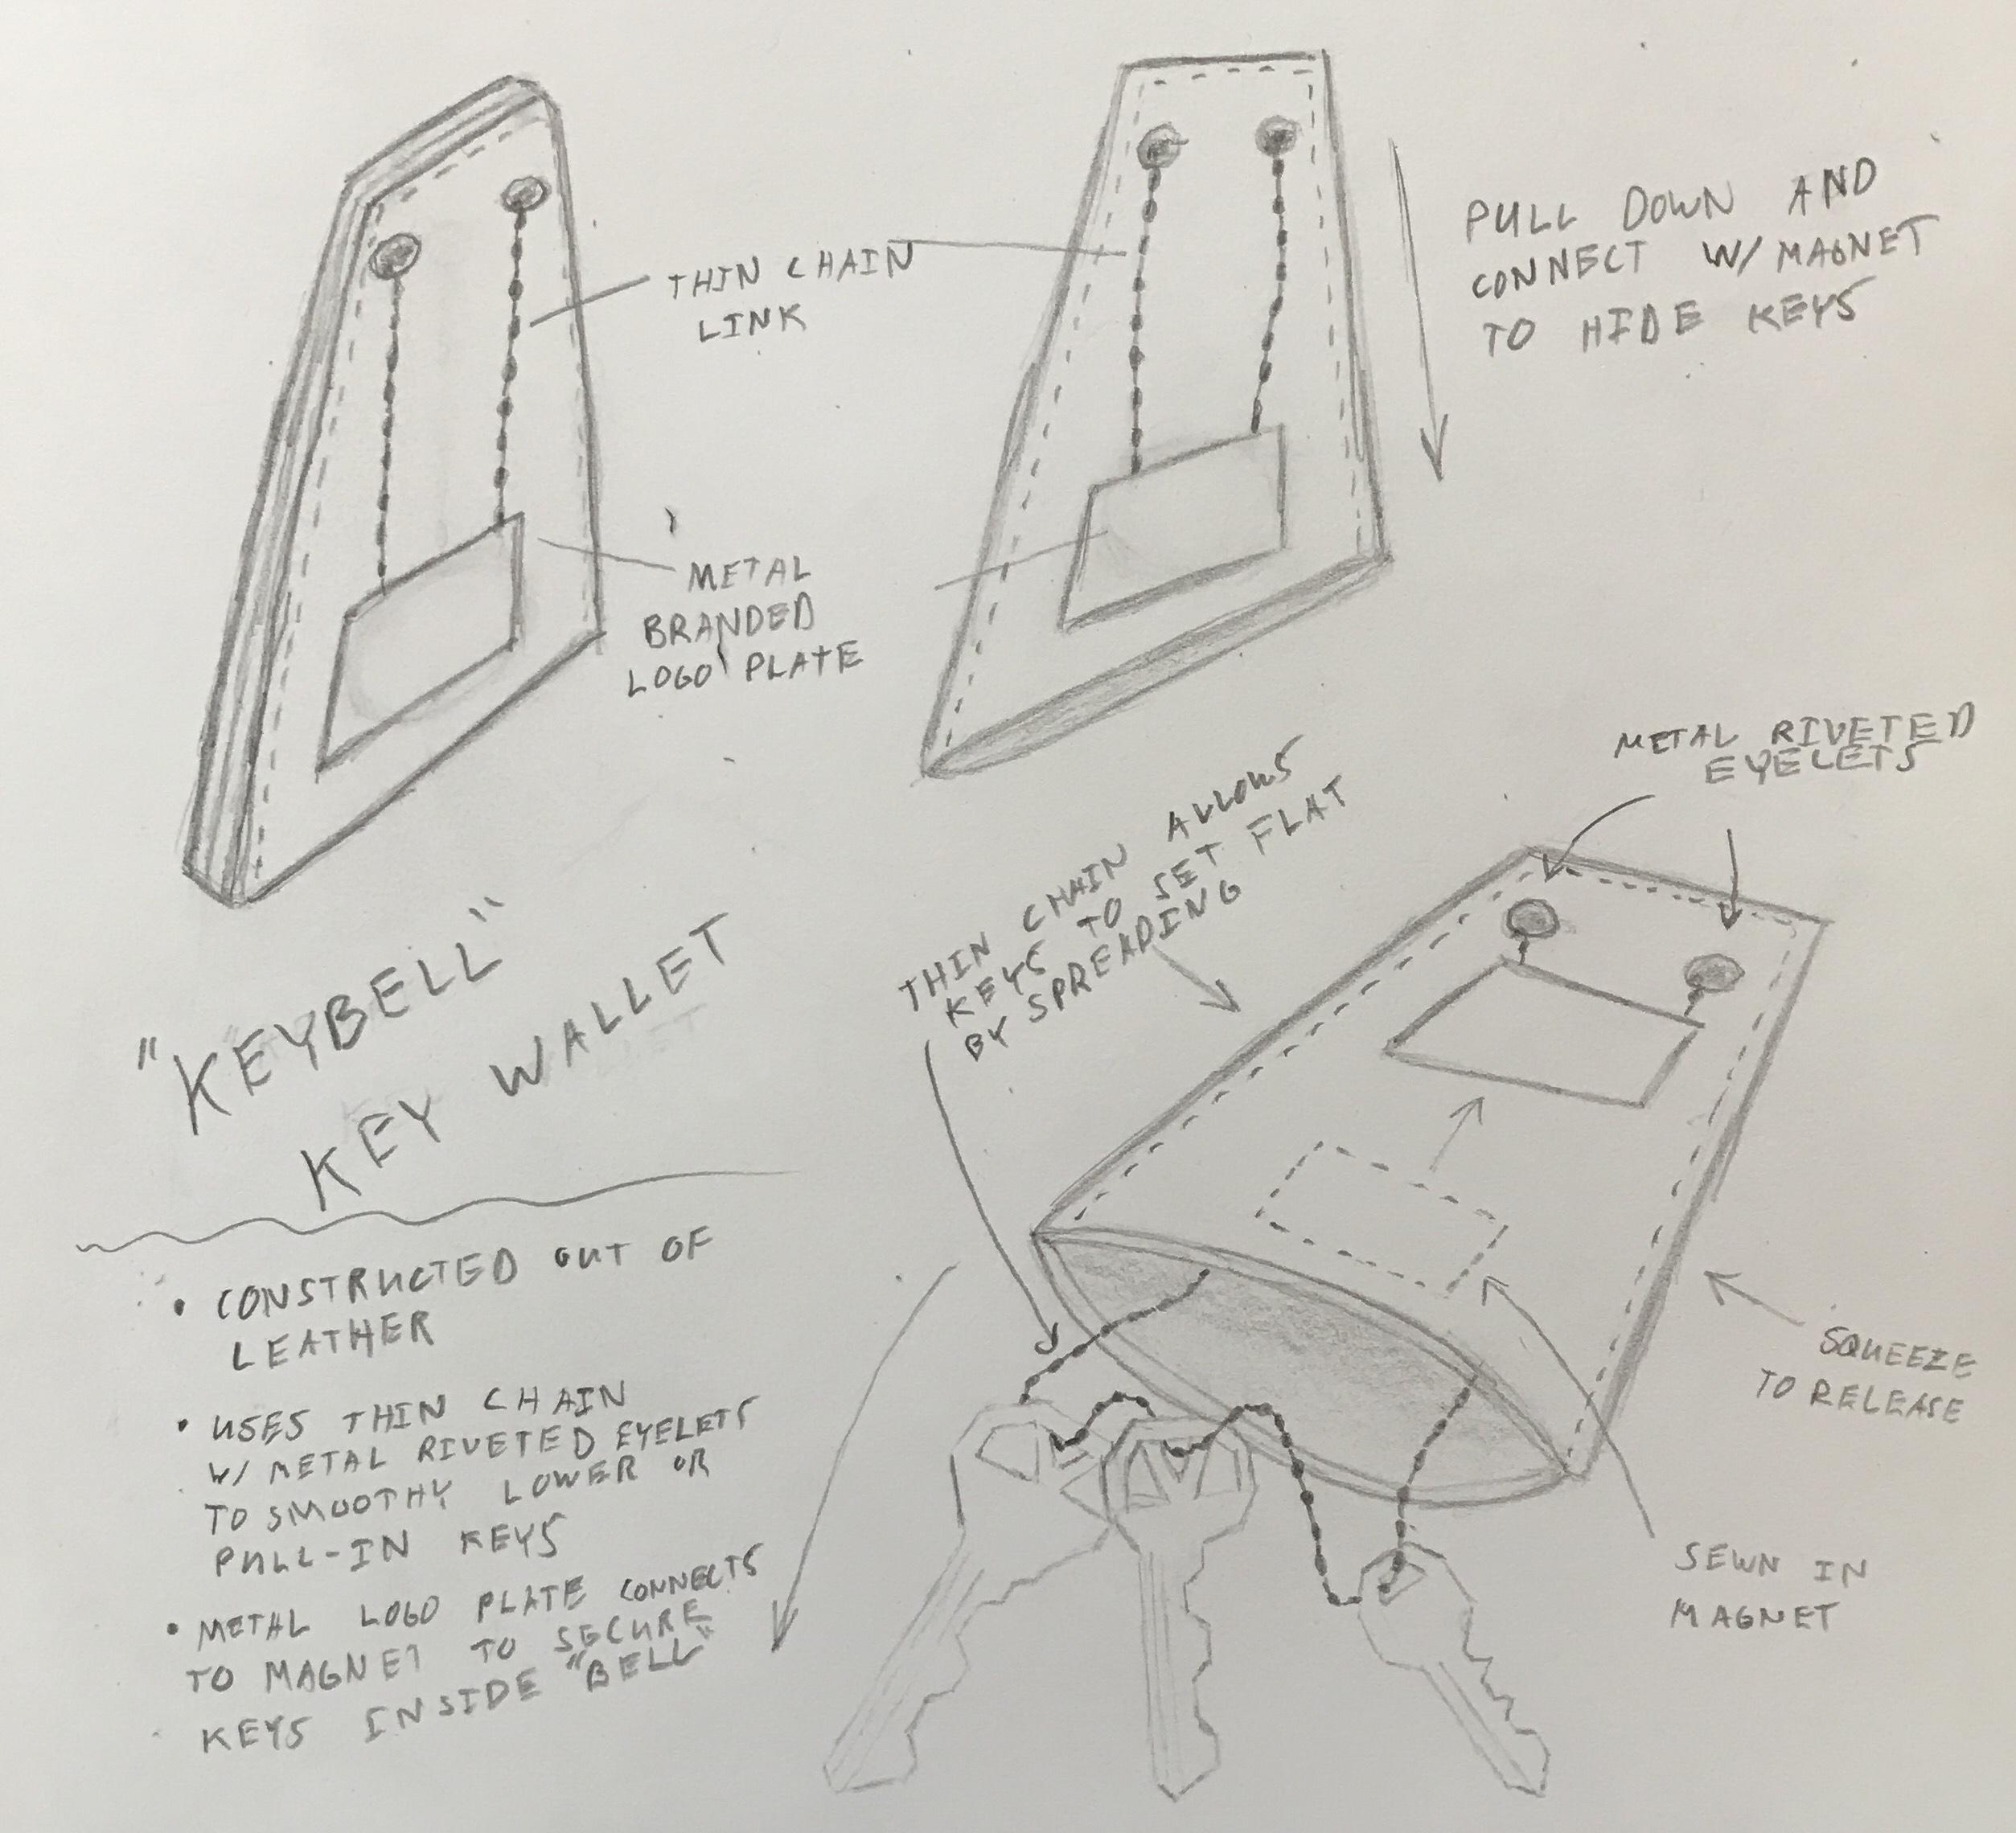 Keybell